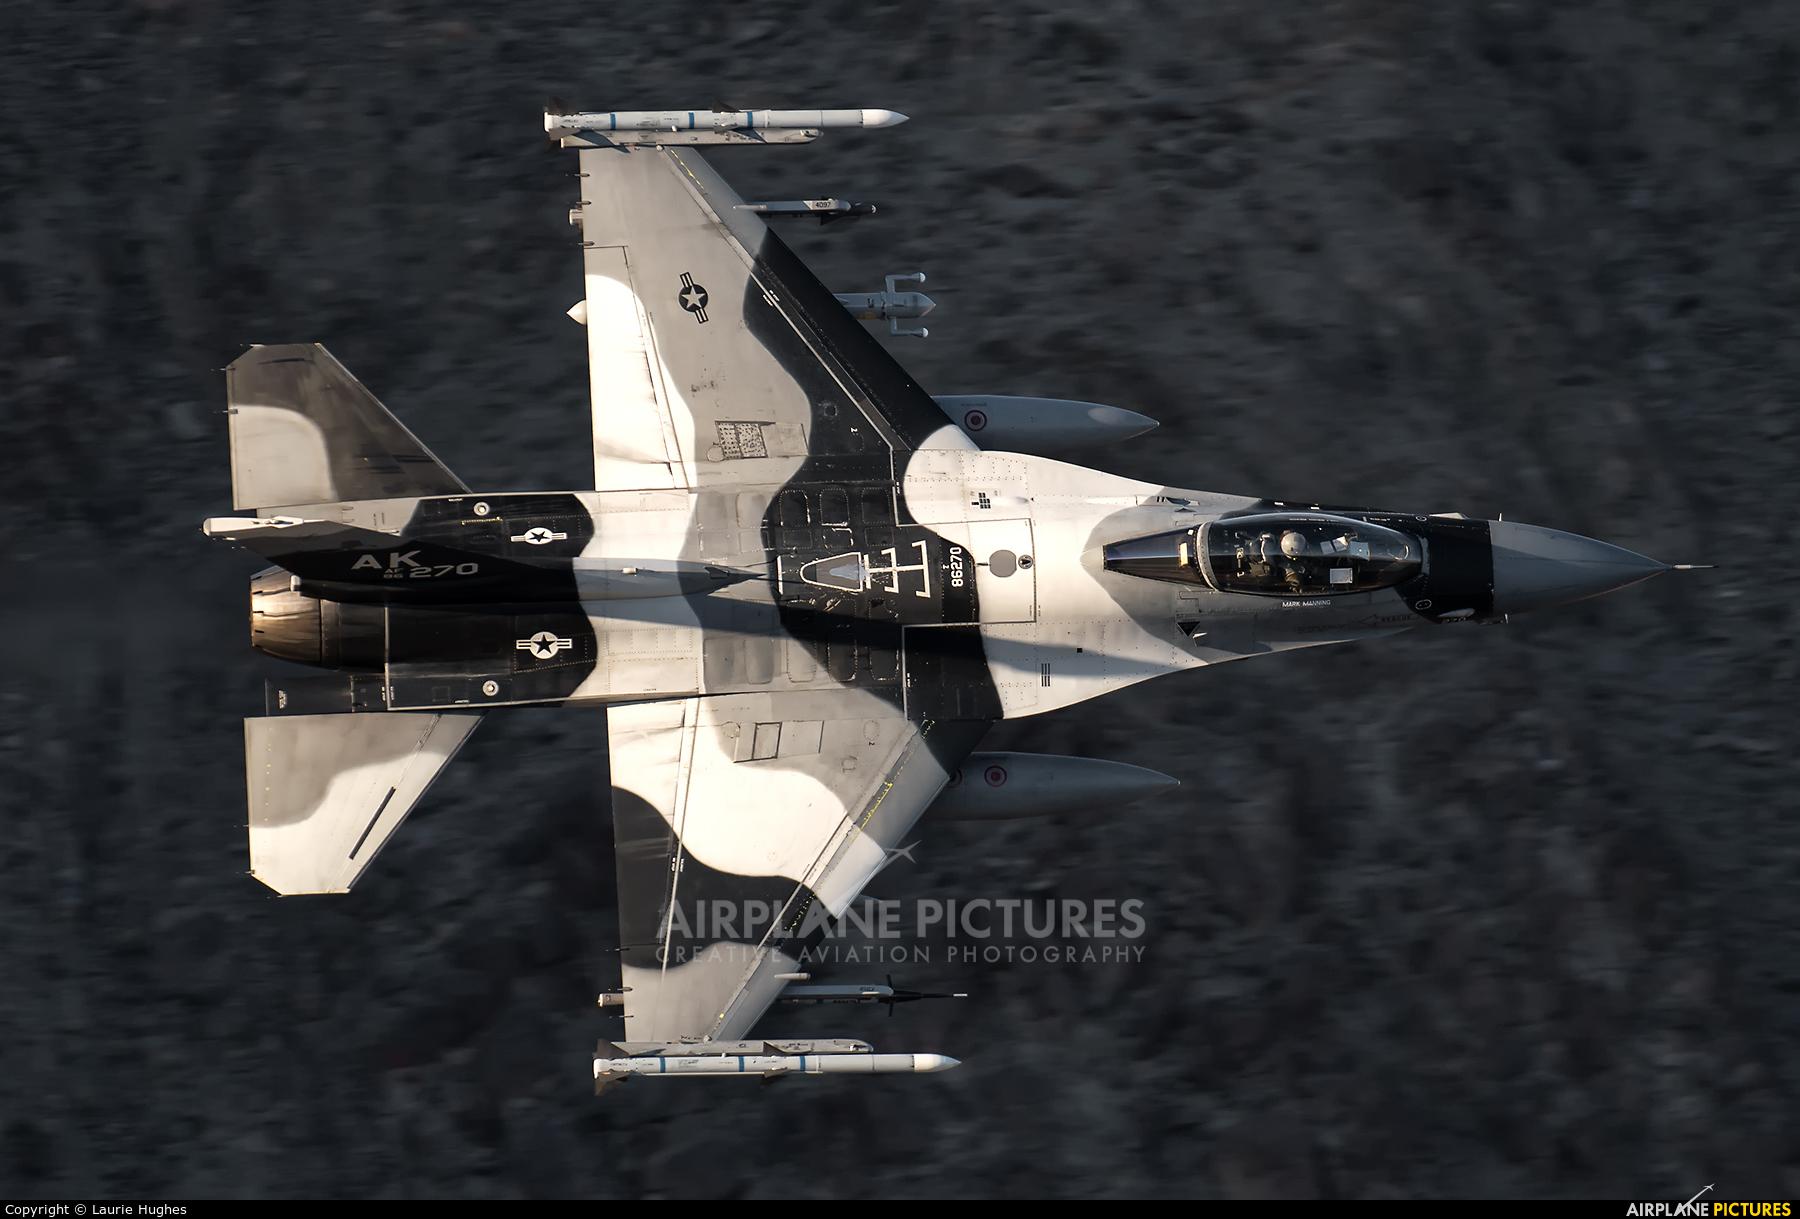 USA - Air Force 86-0270 aircraft at Rainbow Canyon - Off Airport